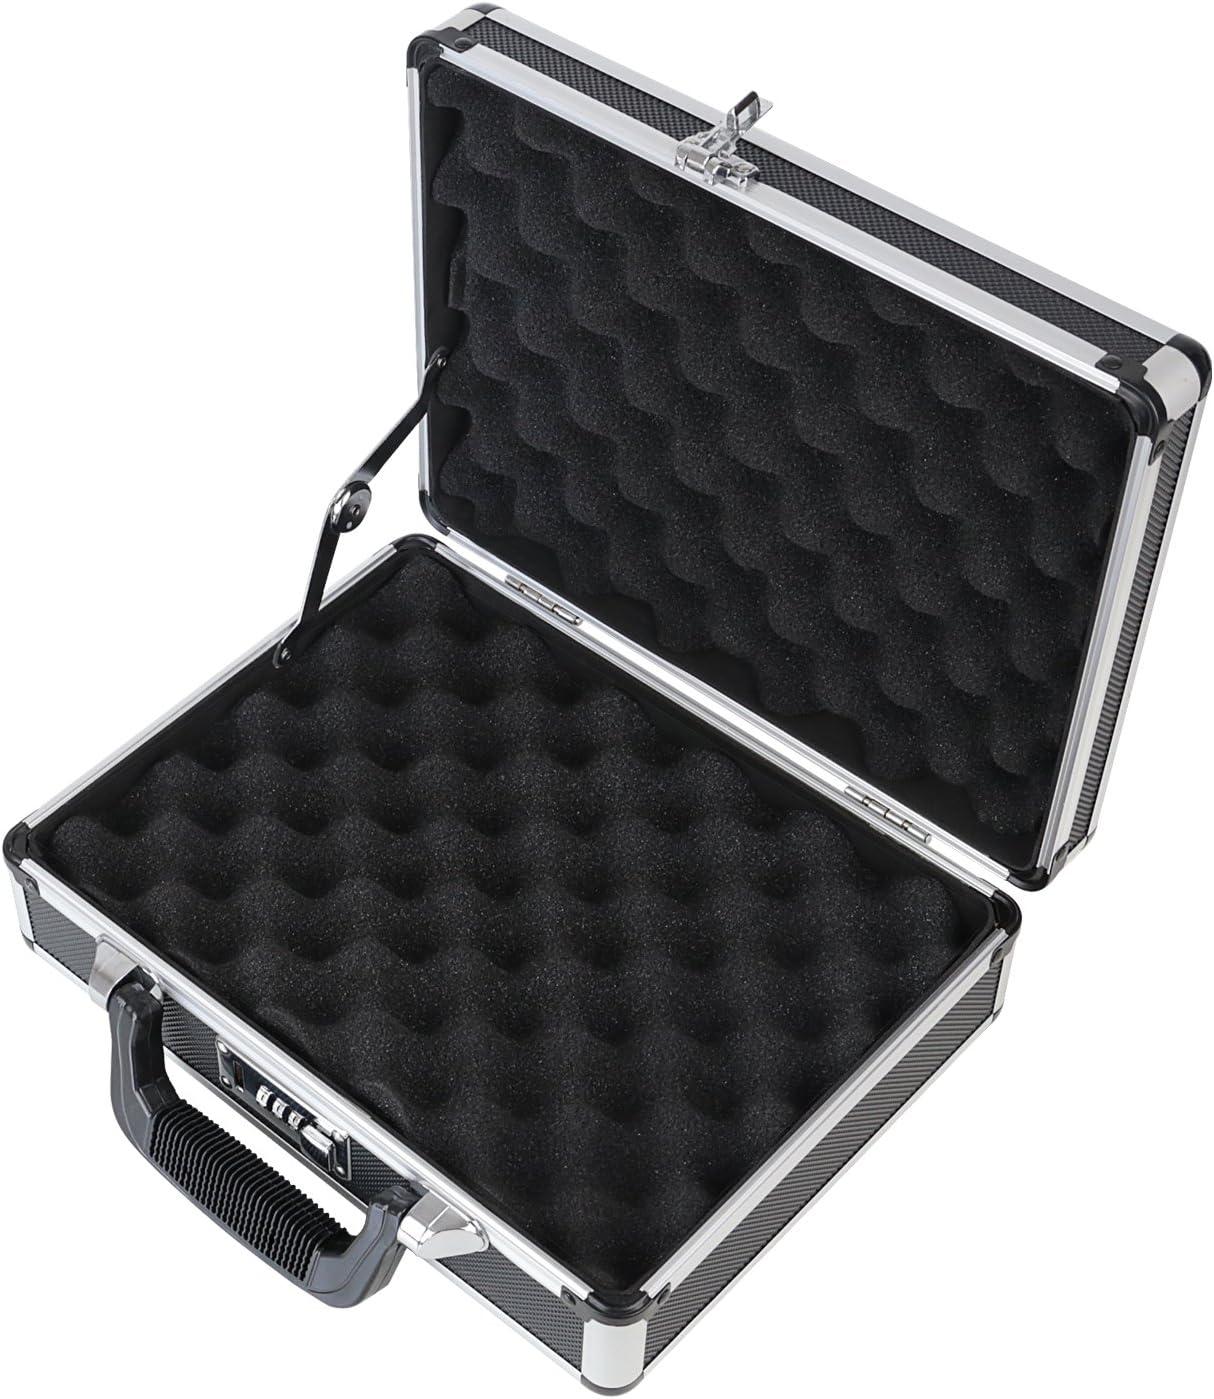 HMF 14401-02 Maleta de Aluminio para Pistolas con Cerradura de Combinación | 31 x 26 x 11 cm | Negro